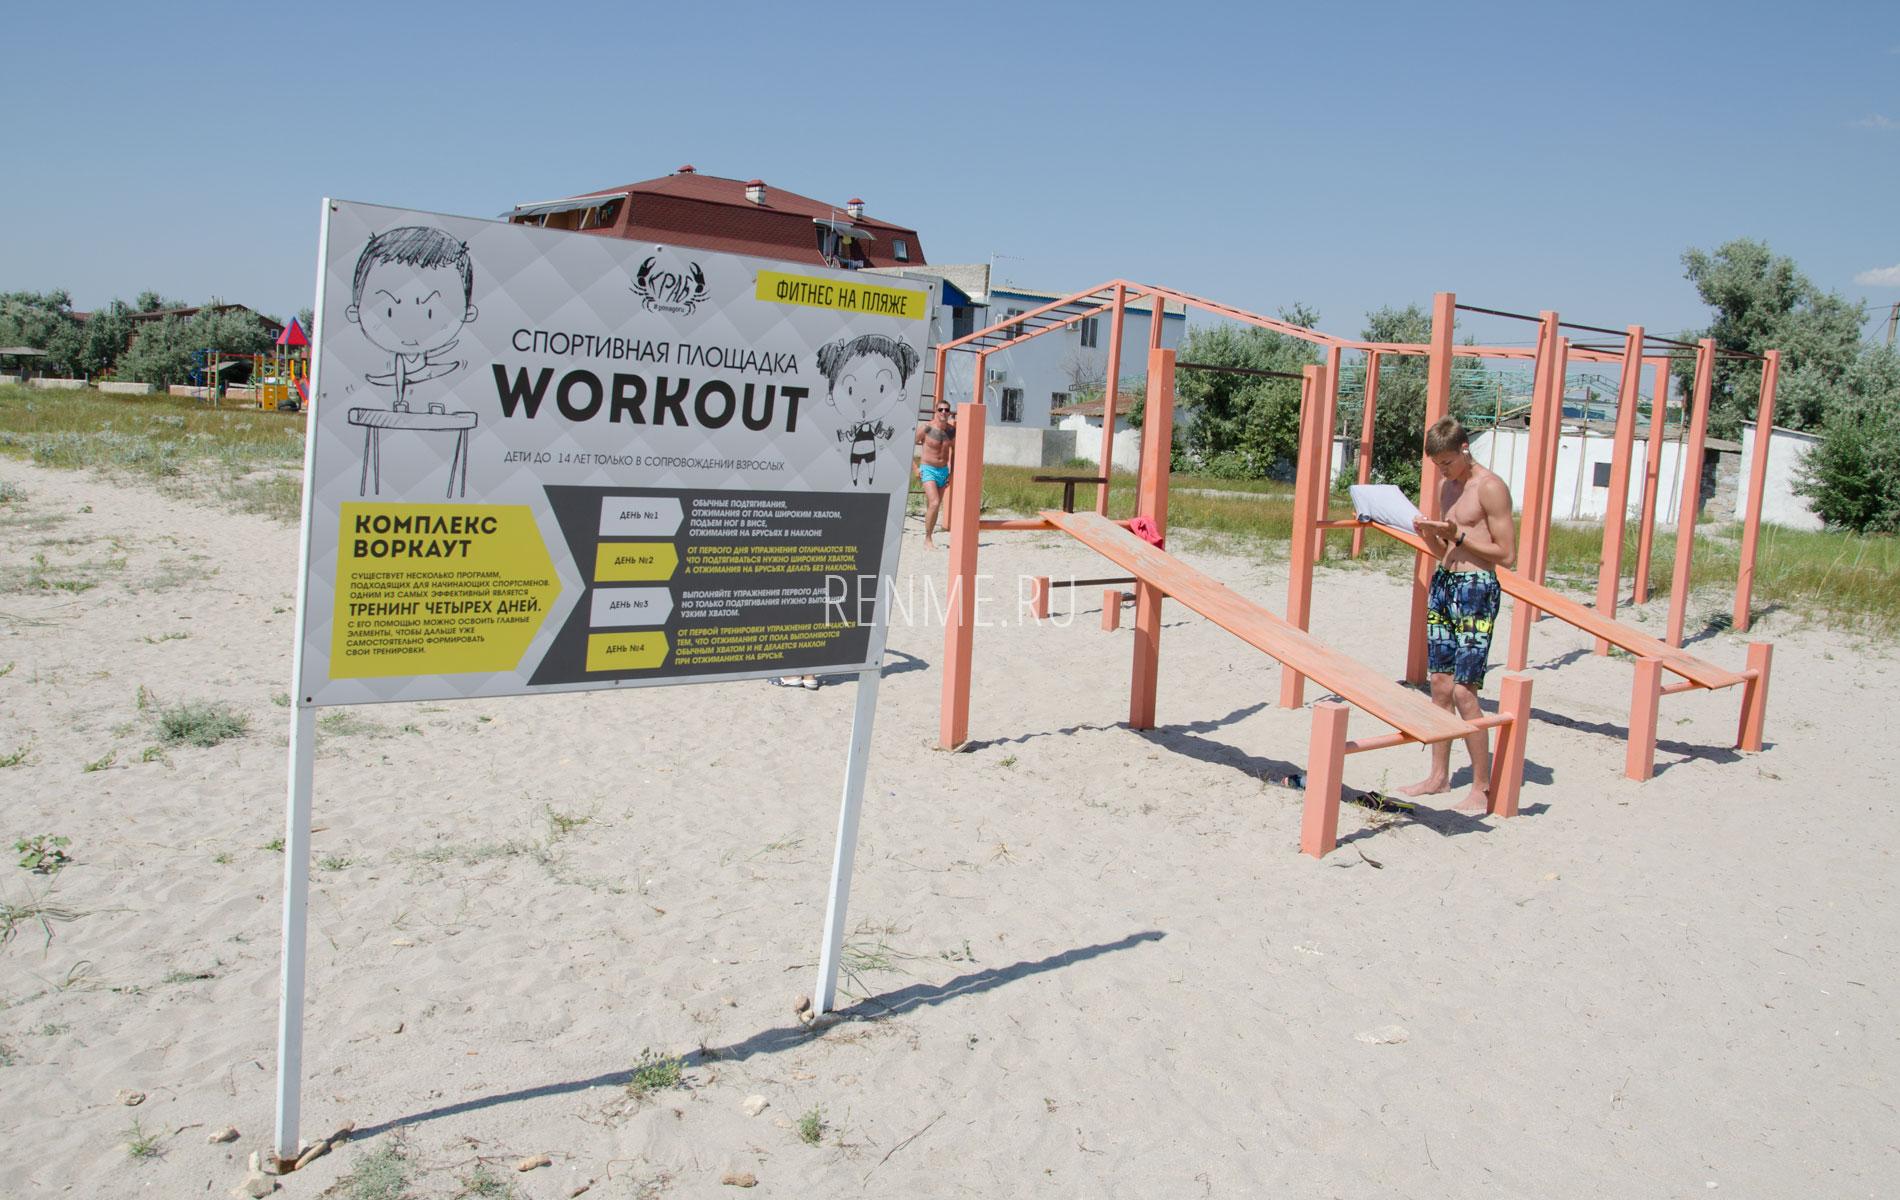 Workout на пляже. Фото Штормового